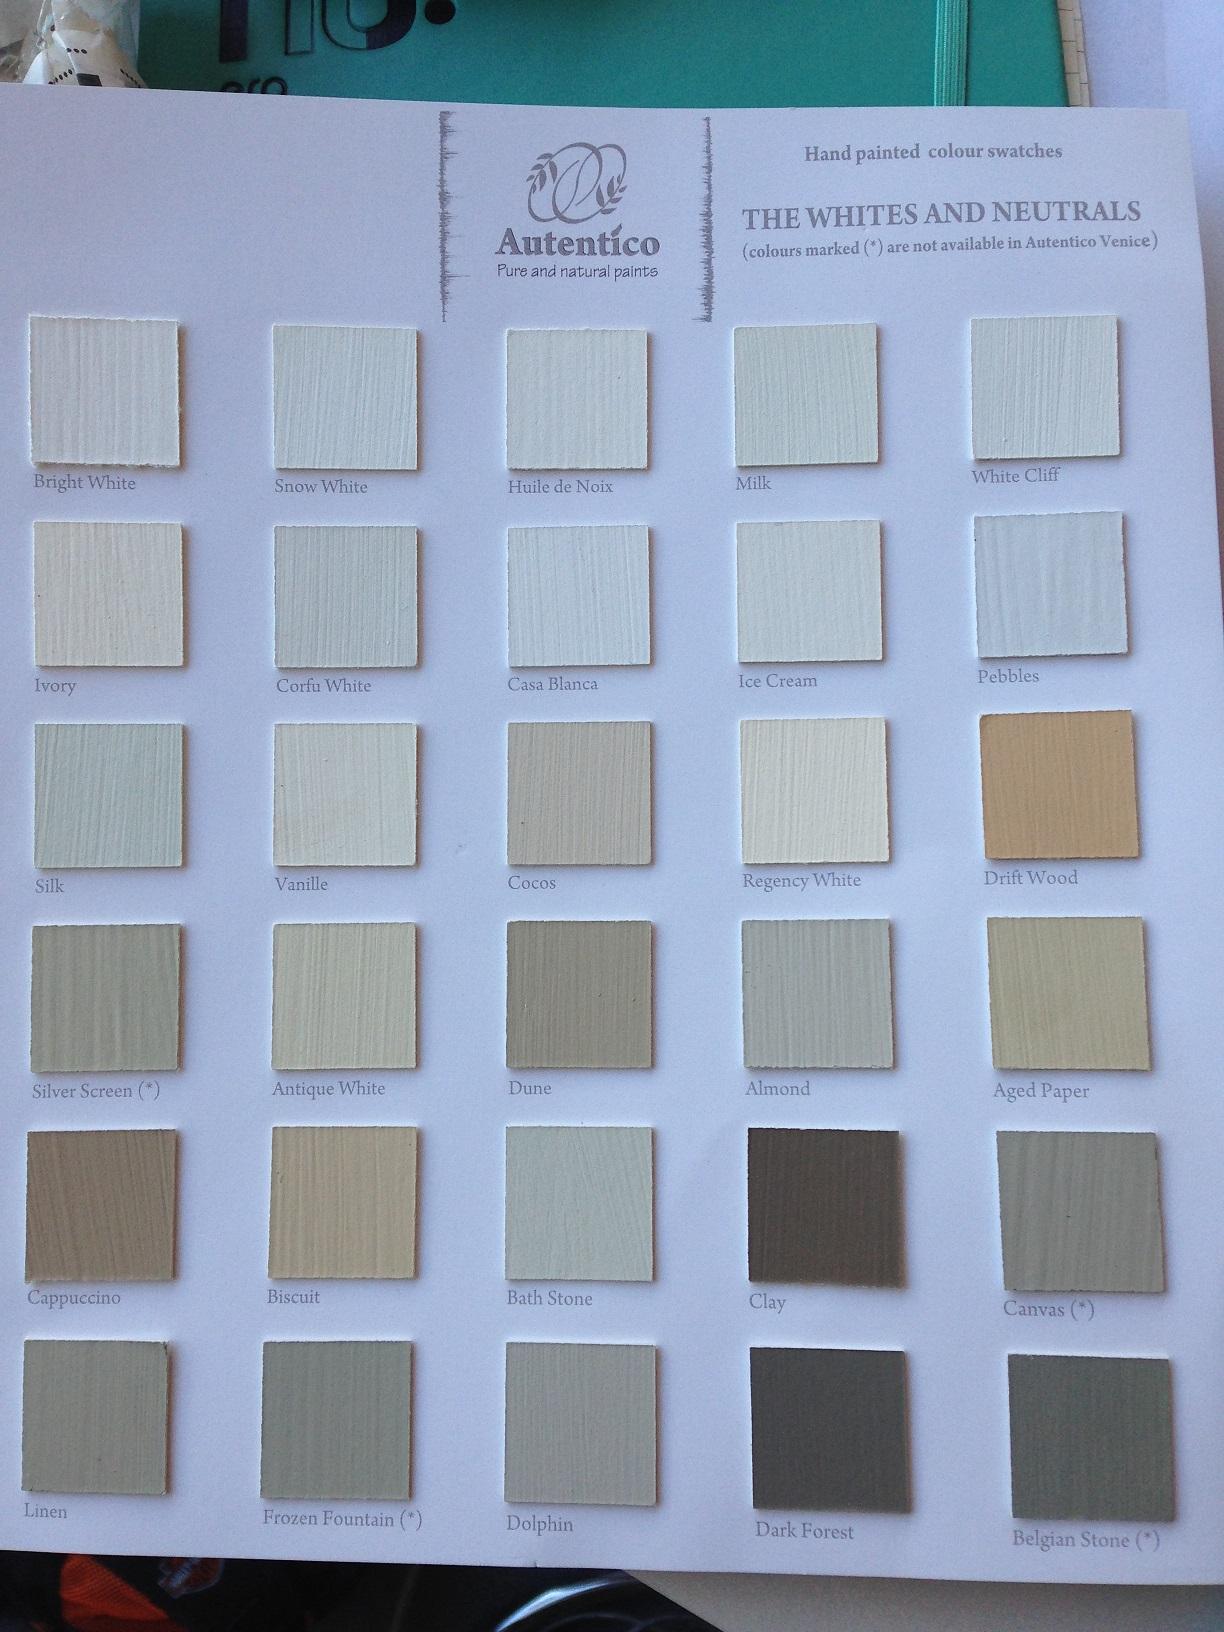 Autentico Vintage Chalk Paint THE WHITES AND NEUTRALS PART 1